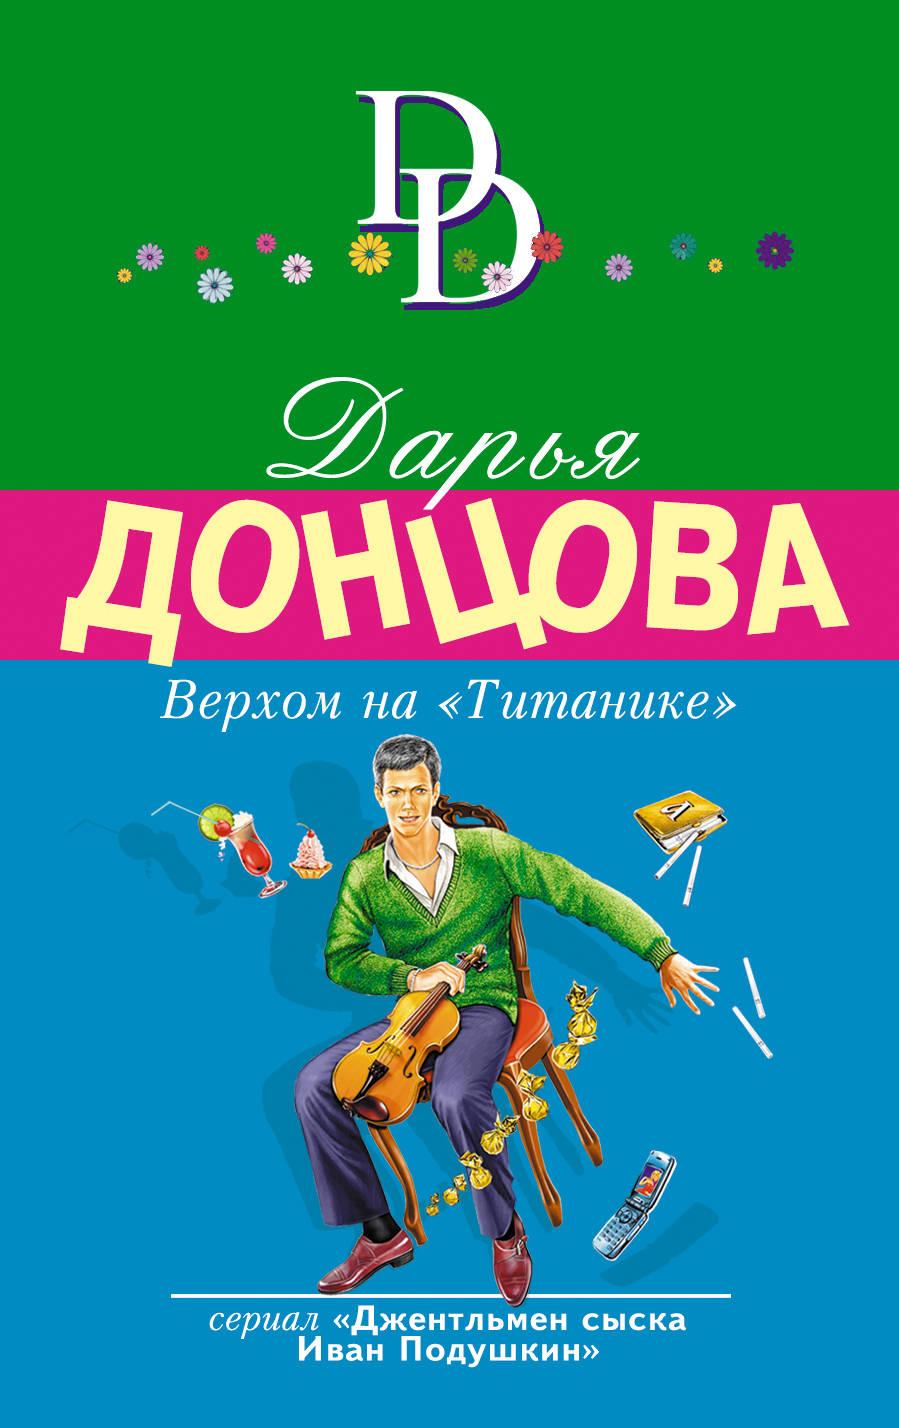 Донцова Дарья Аркадьевна Верхом на Титанике донцова дарья аркадьевна родословная до седьмого полена